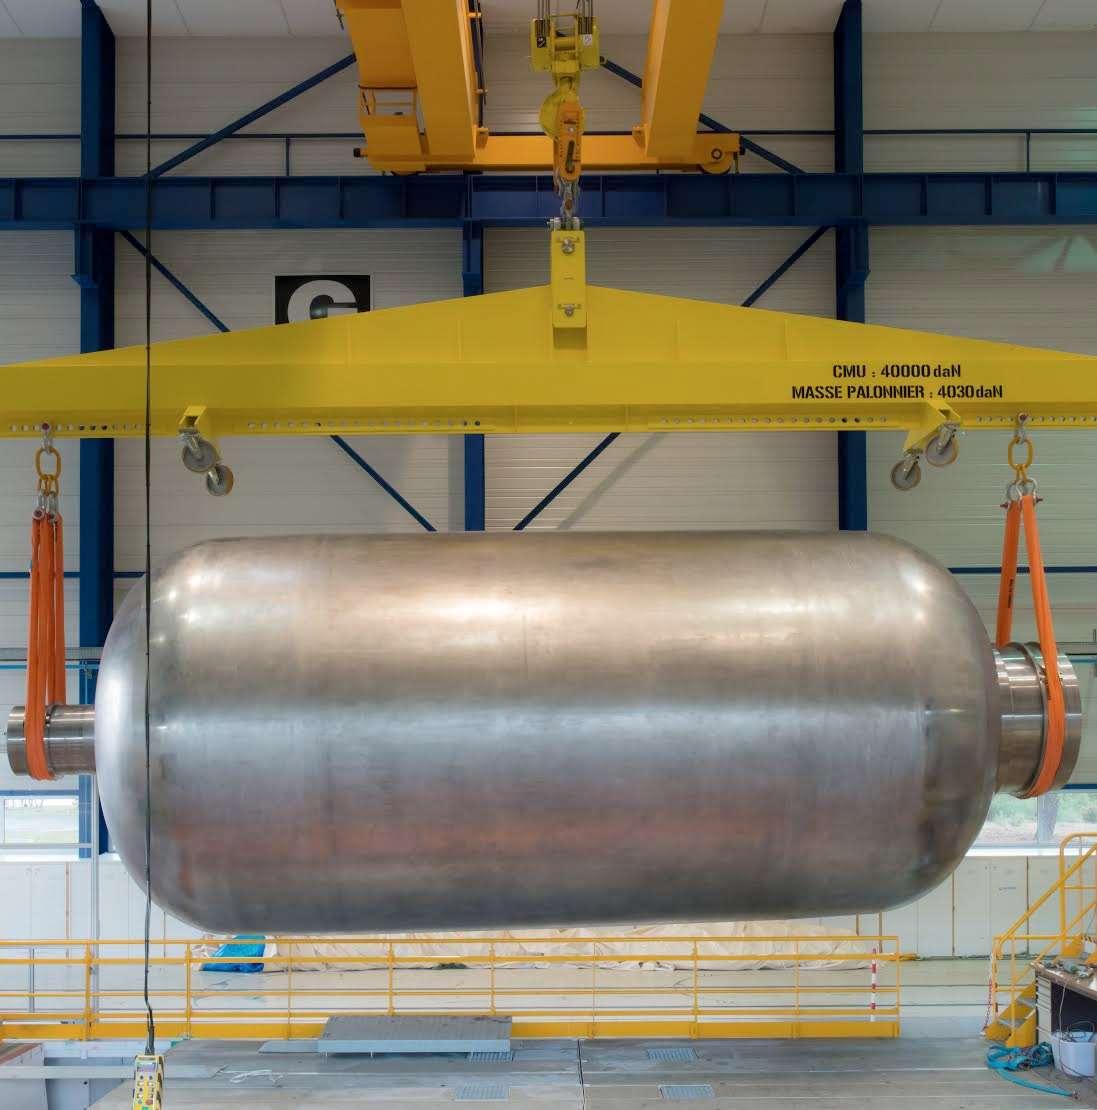 Le mandrin sur lequel sera réalisé le bobinage de fibres de carbone qui formera la structure du futur lanceur européen Ariane 6. Ce mandrin mesure environ 10 m de long sur 3,5 m de diamètre, équivalent à un corps de propulseur de la gamme envisagée pour Ariane 6. © Airbus Espace, A. Gibert, 2014